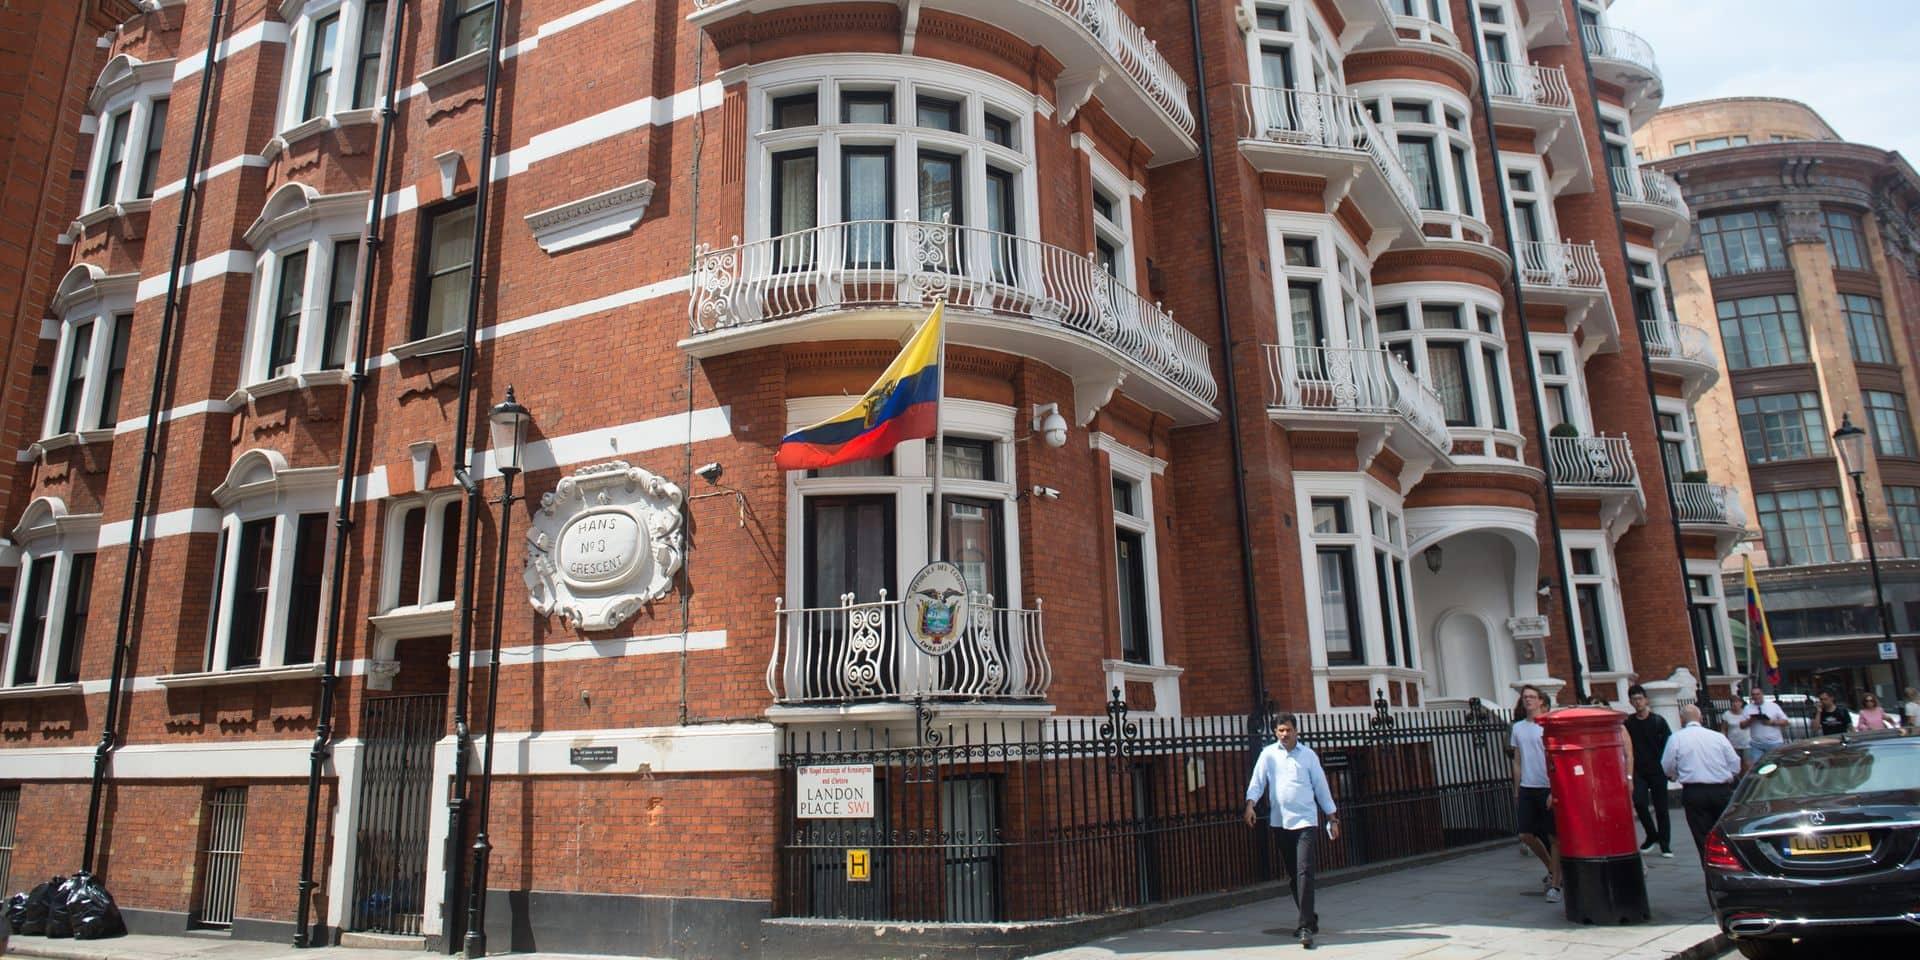 Le fondateur de WikiLeaks Julian Assange reste réfugié à l'ambassade équatorienne à Londres